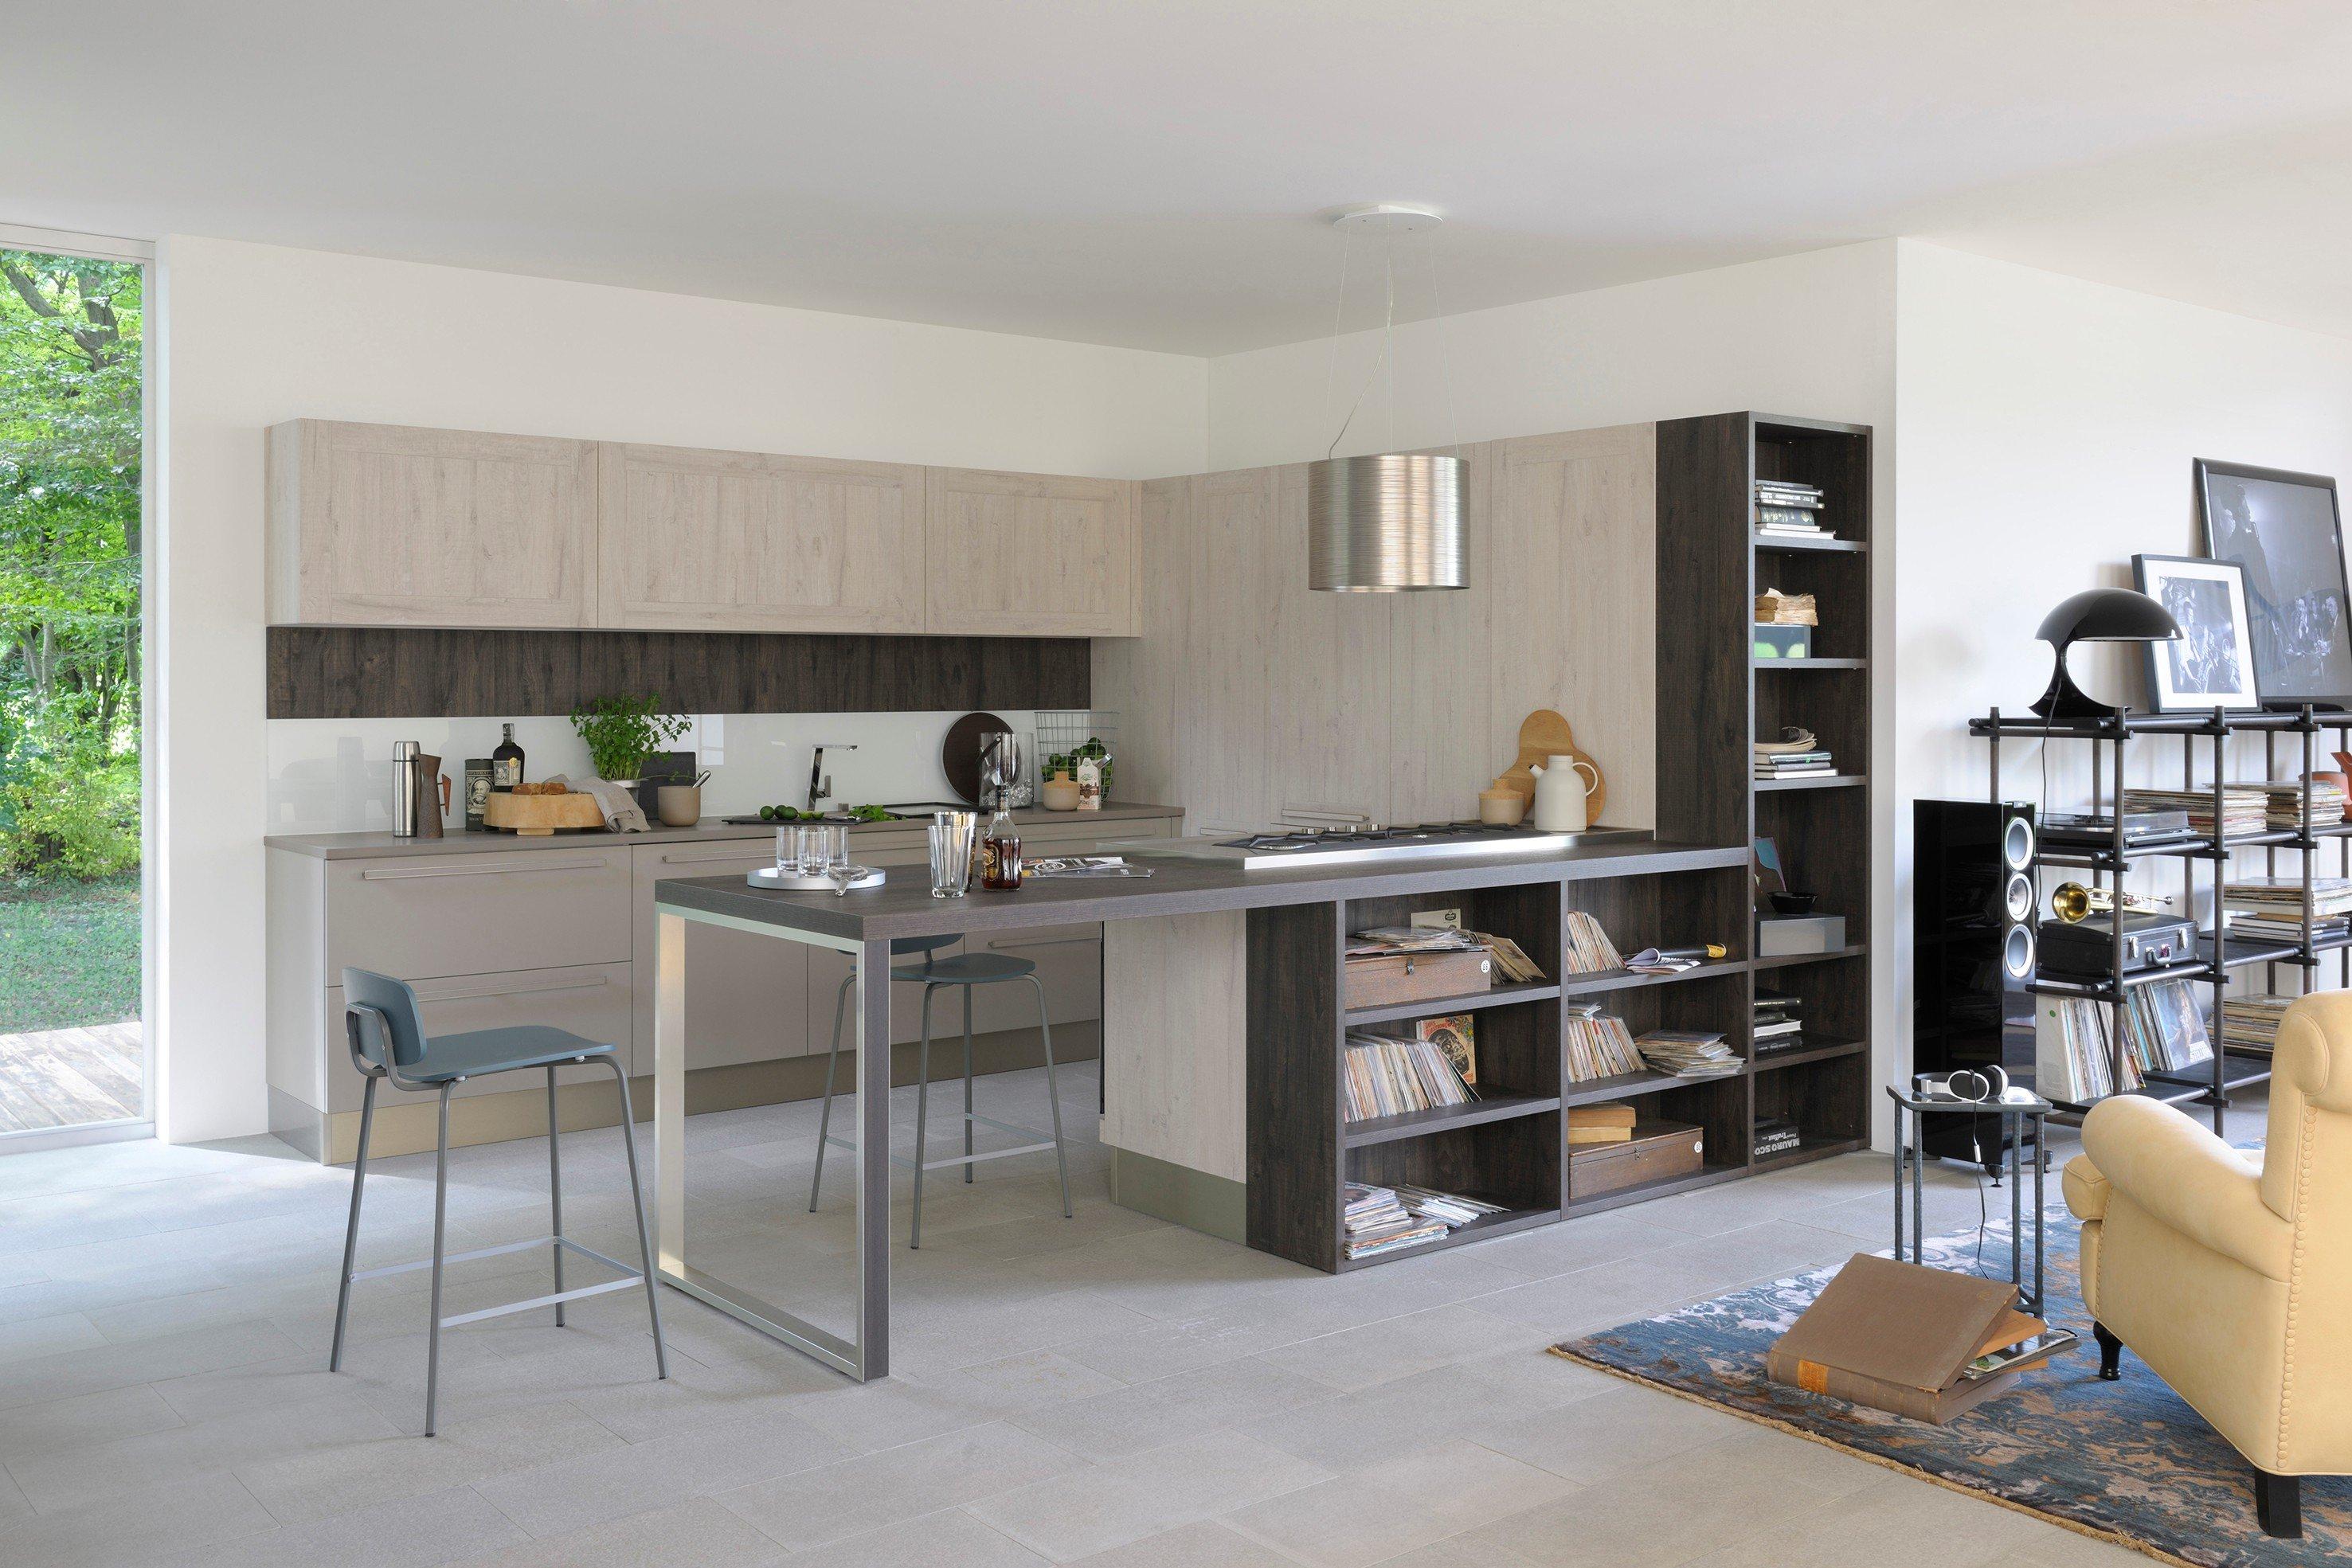 Superfici materiche in cucina - Cose di Casa